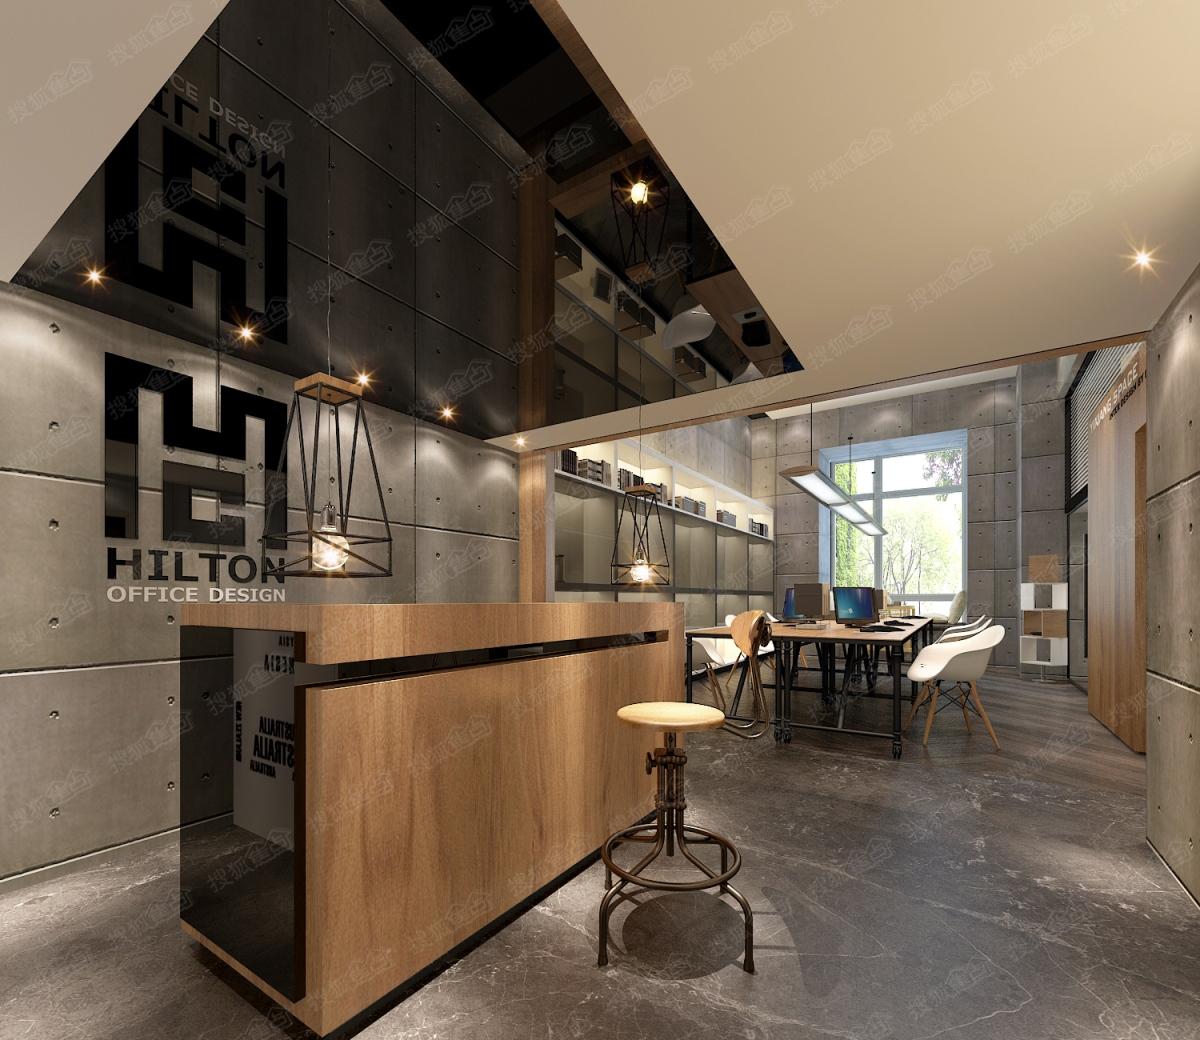 君泰·中央公园56㎡双间拼接办公公寓样板间-会议室图片